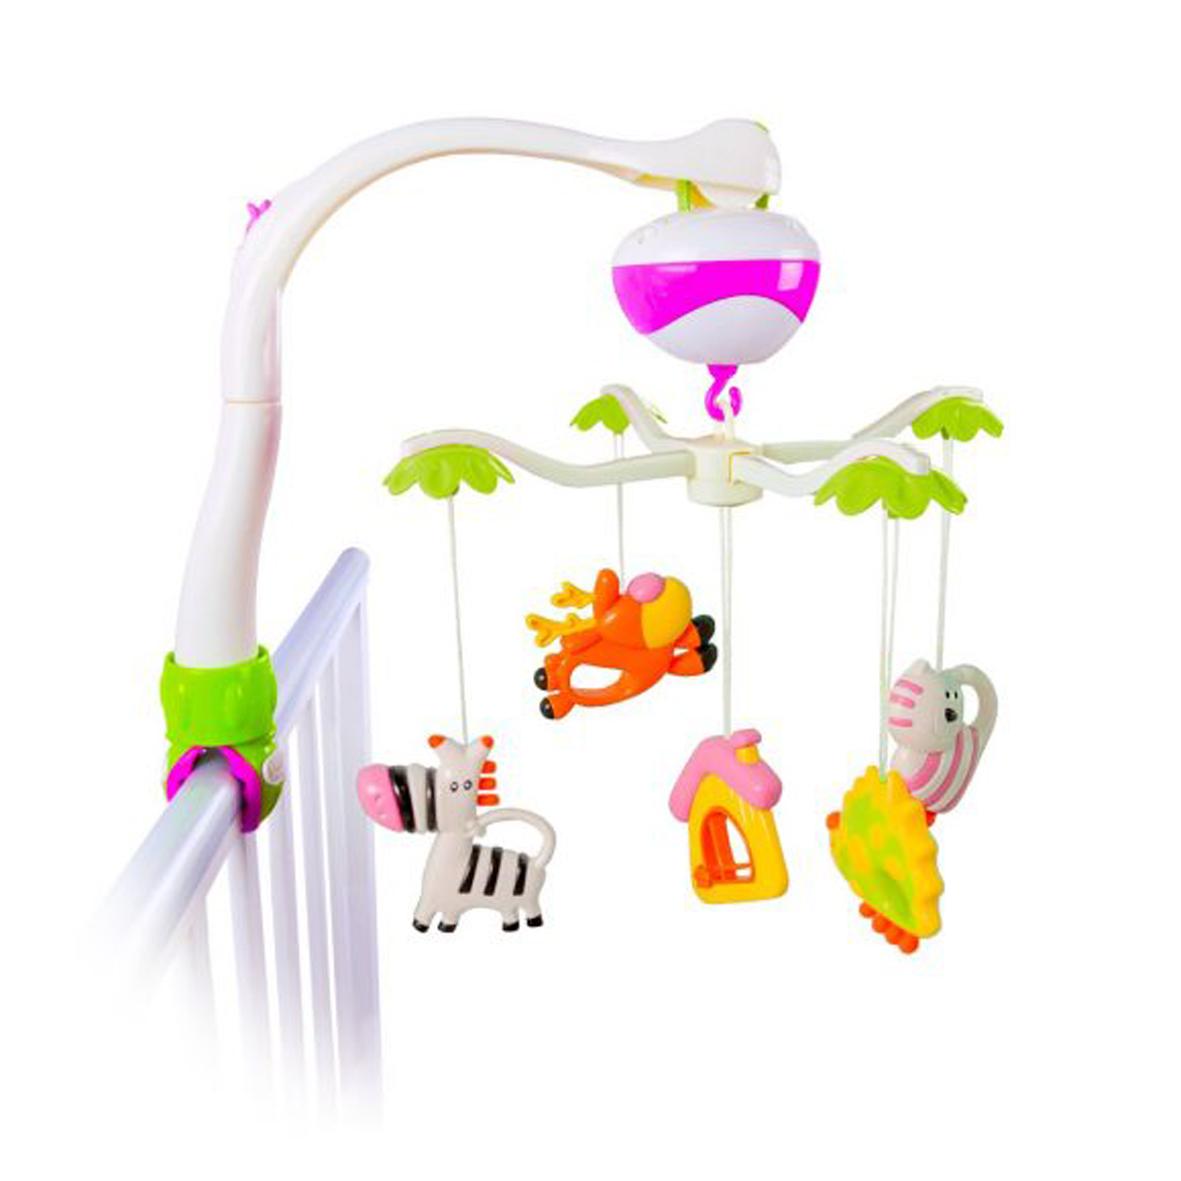 Мобиль Наша игрушка Зоопарк мобили жирафики мобиль жирафики зоопарк музыкальный 2 режима